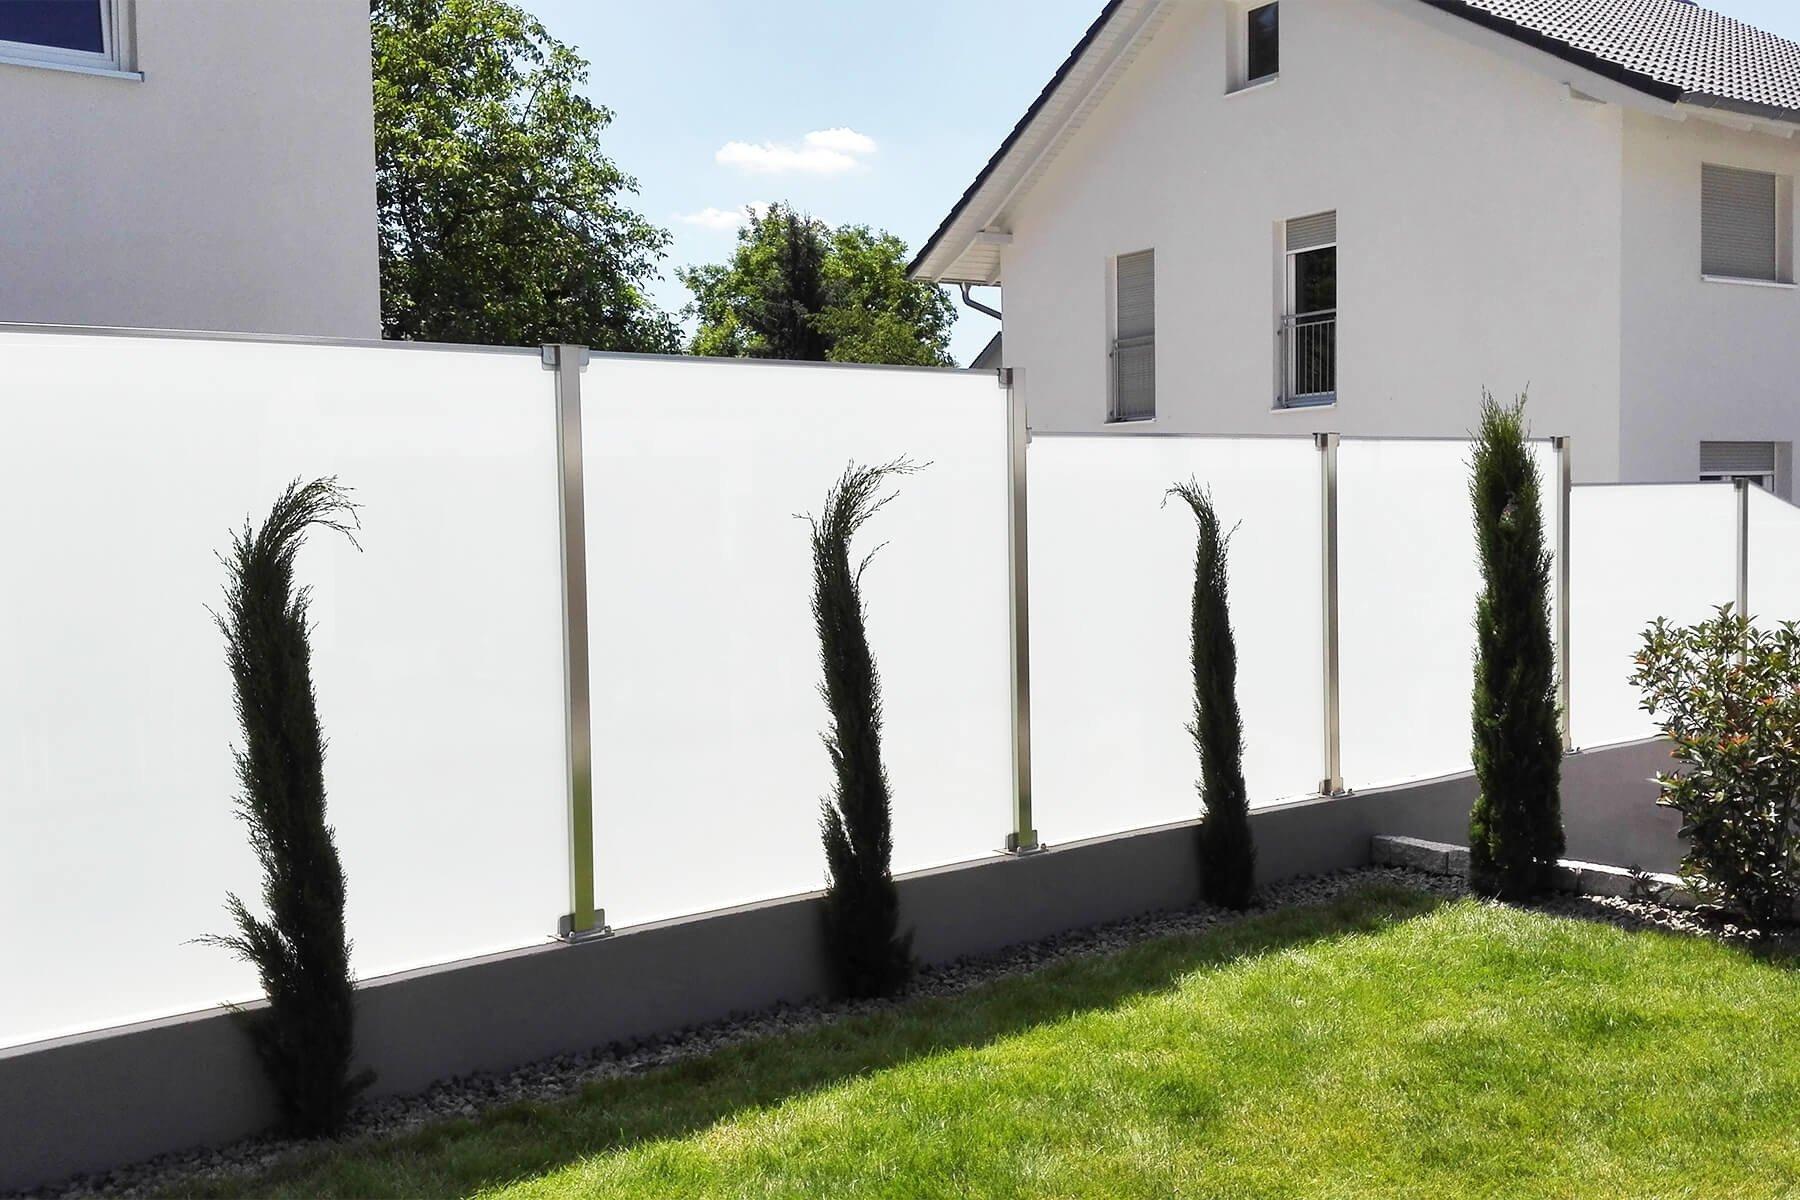 glaszaunsystem-aundo-mit-schraegschnitten- die-perfekte-loesung-fuer-hoehenanpassungen-im-garten- oder-auf-der-terrasse